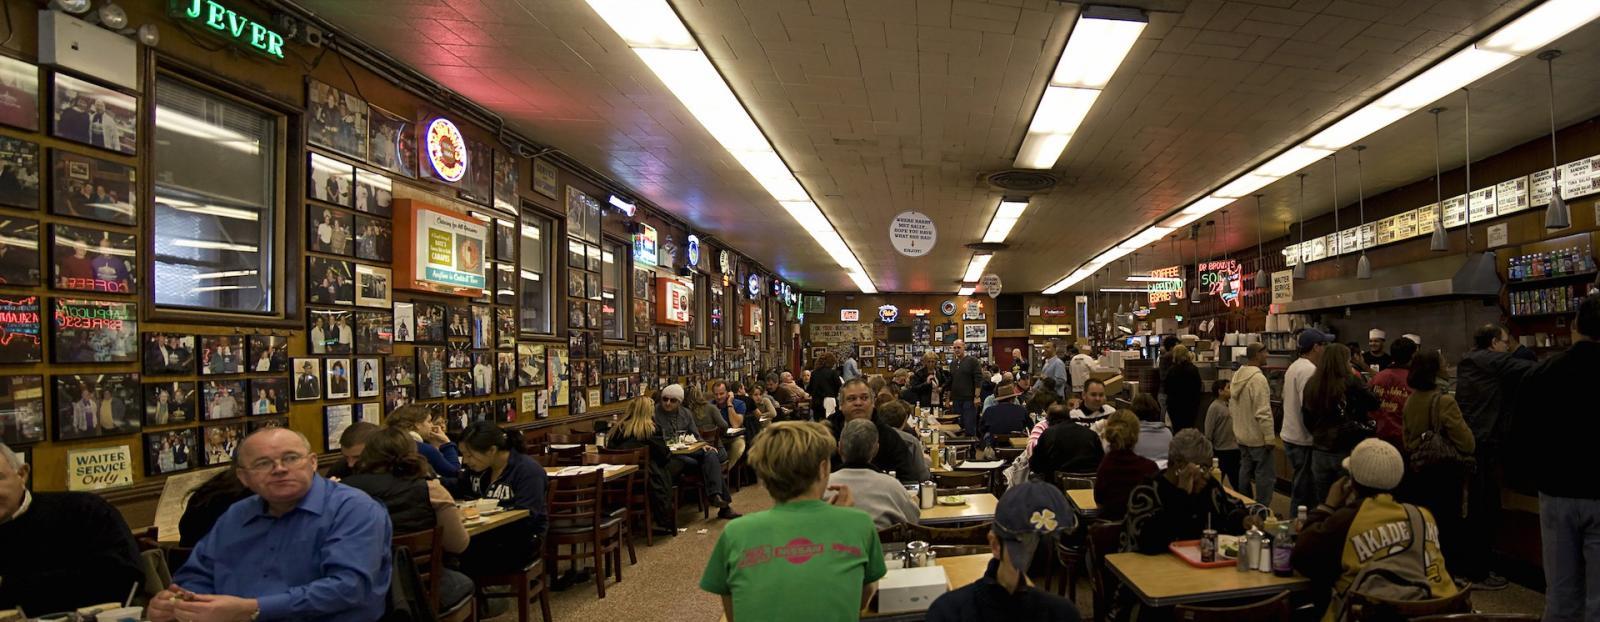 Lugares que visitar en nueva york: Katz's restaurant